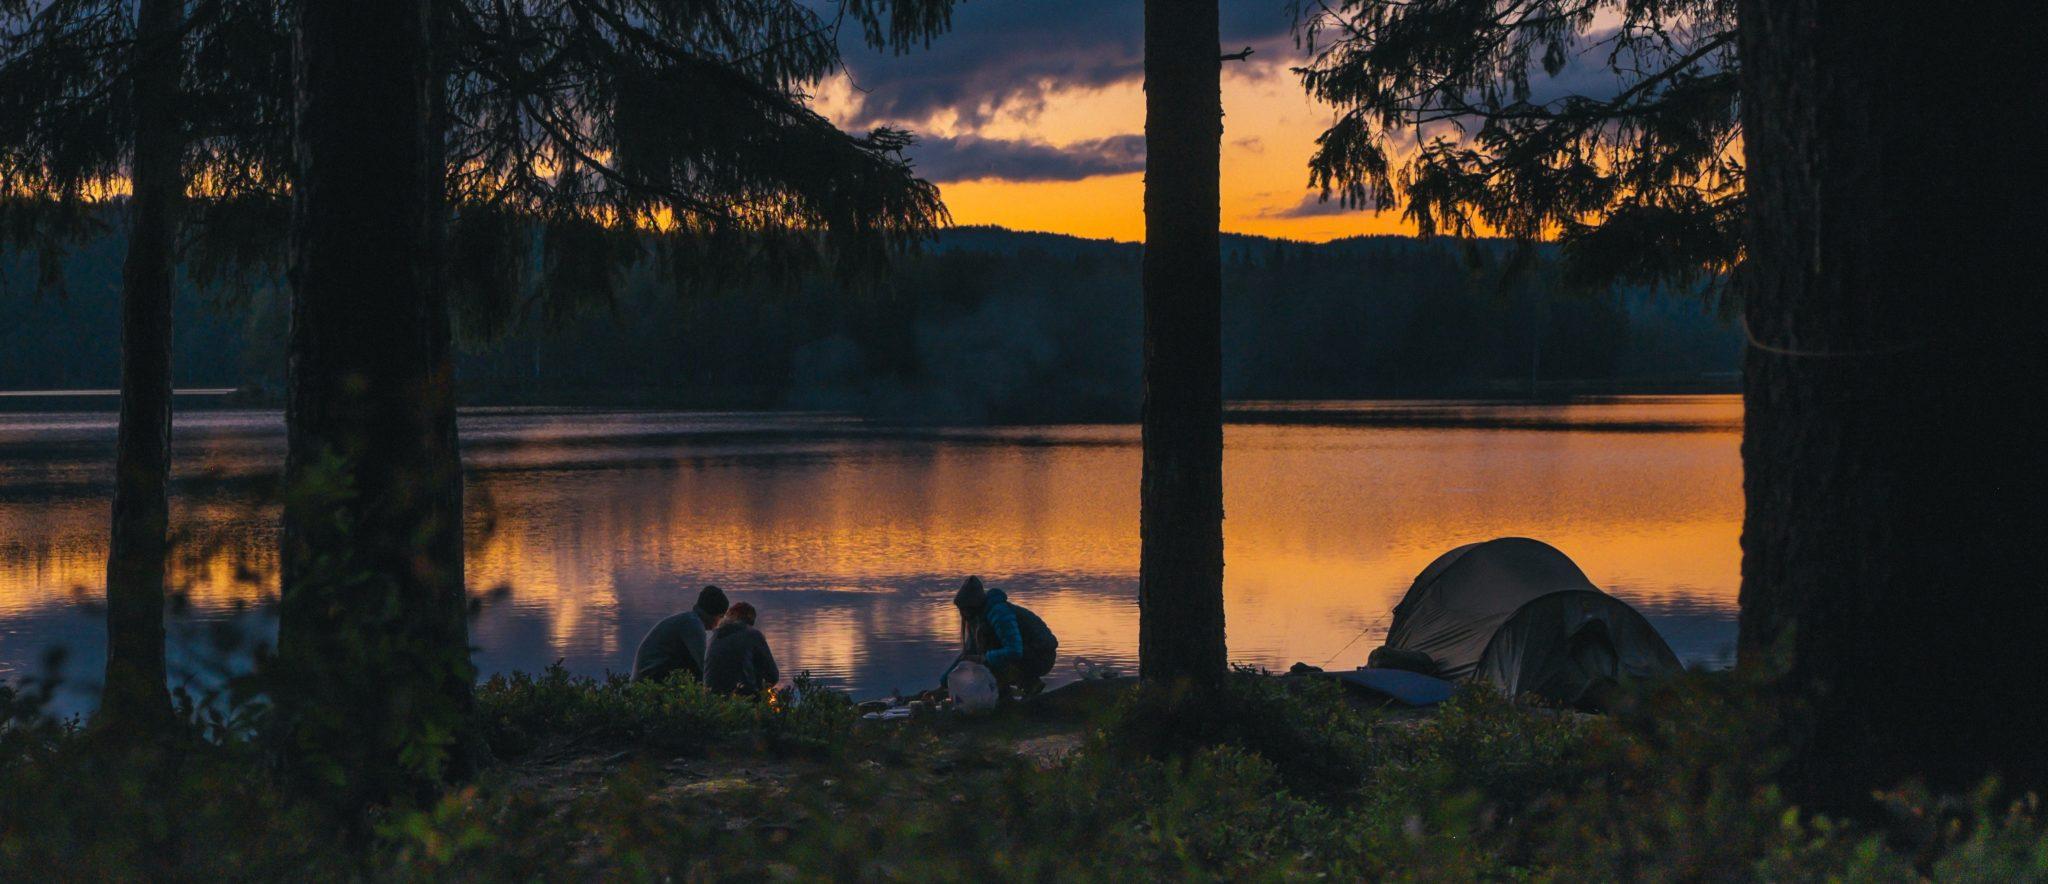 Panorma. Unga vuxna vid en sjö.